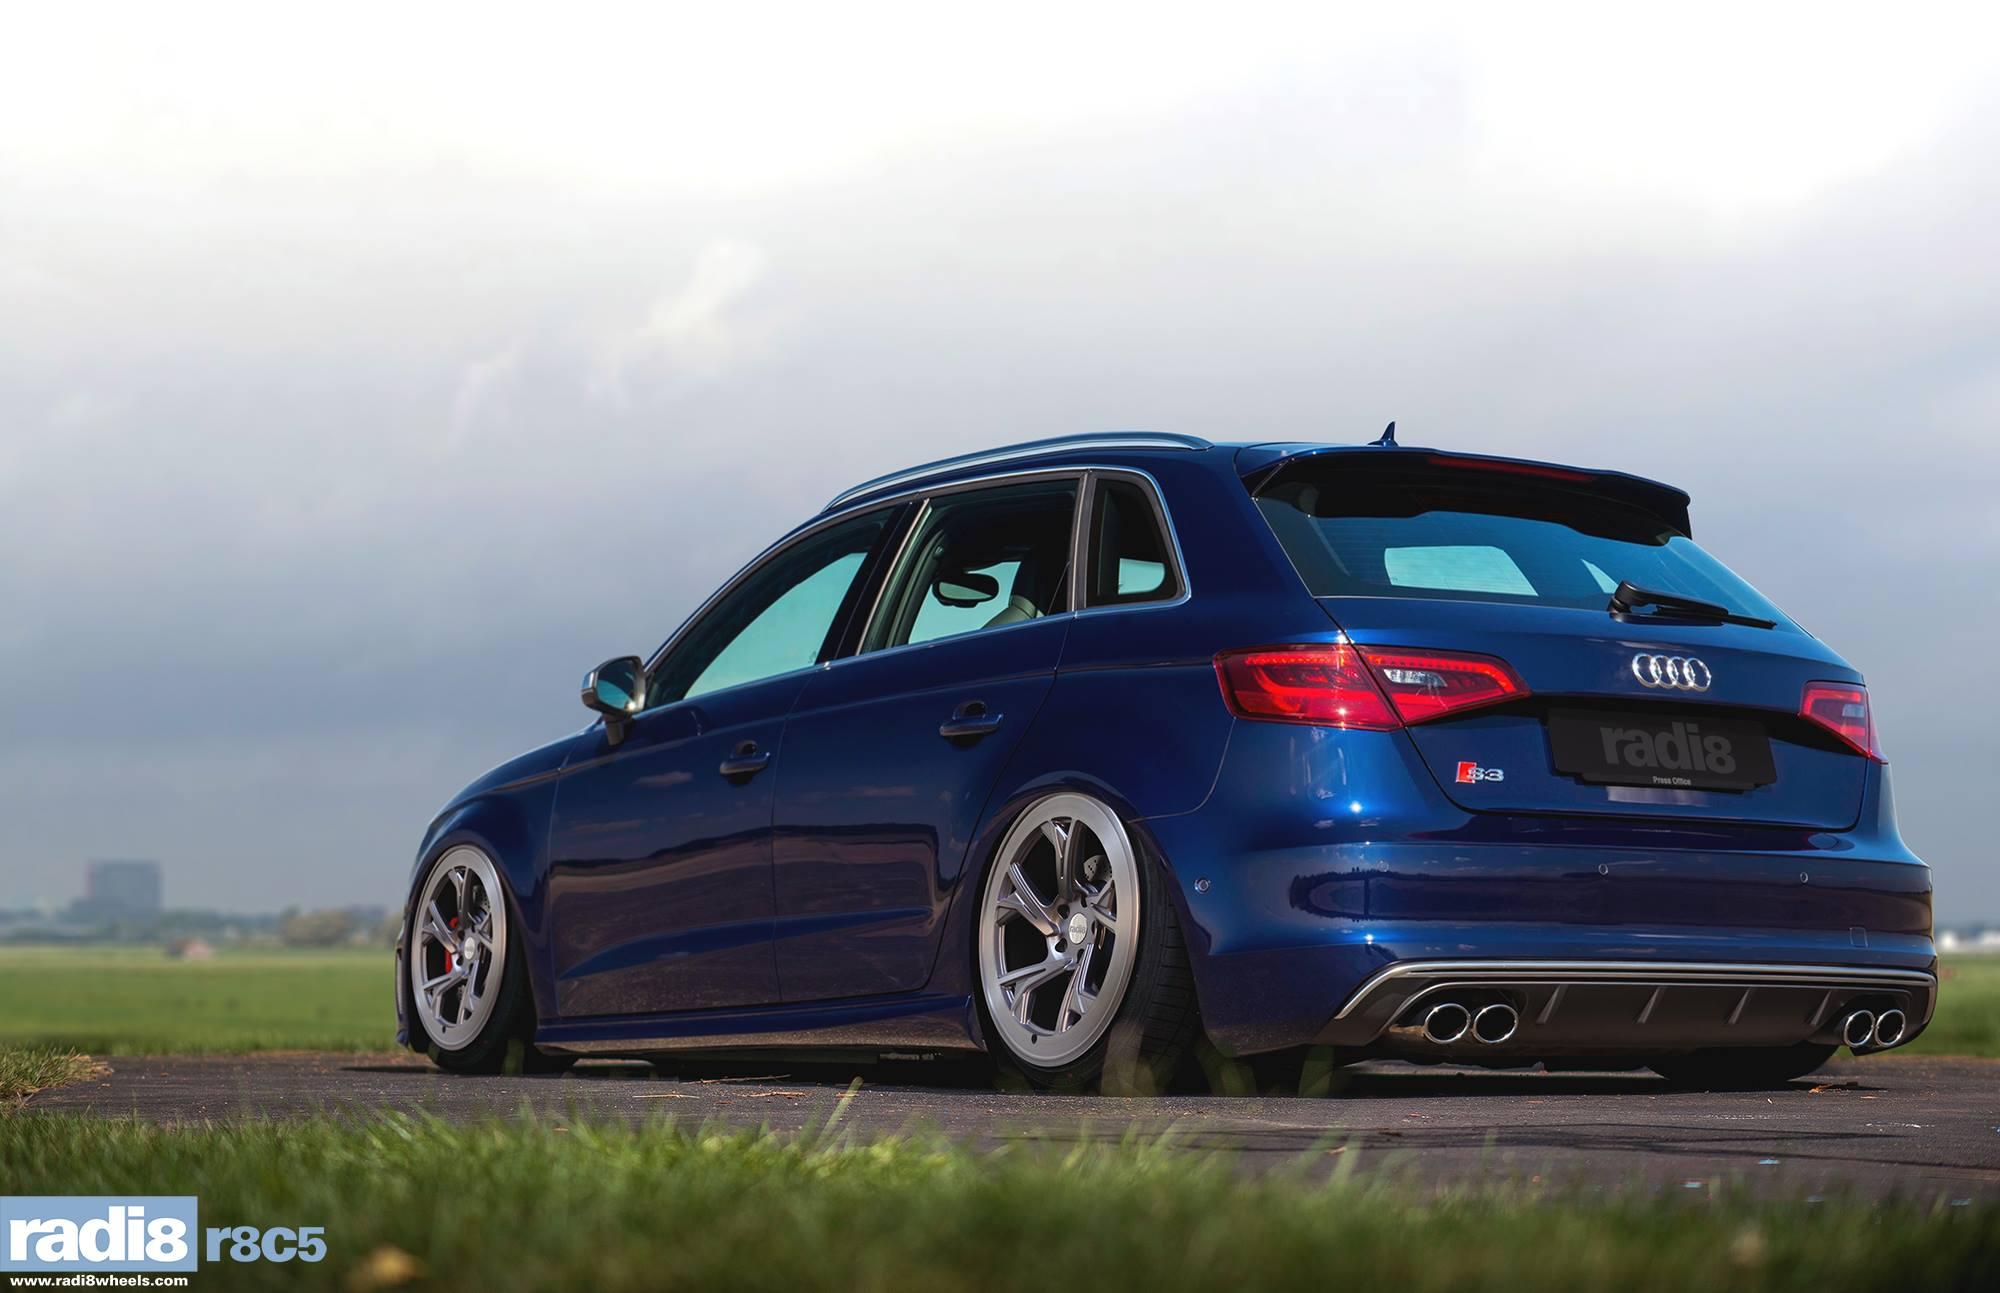 Radi8 R8C5 - Audi S3 Sportback